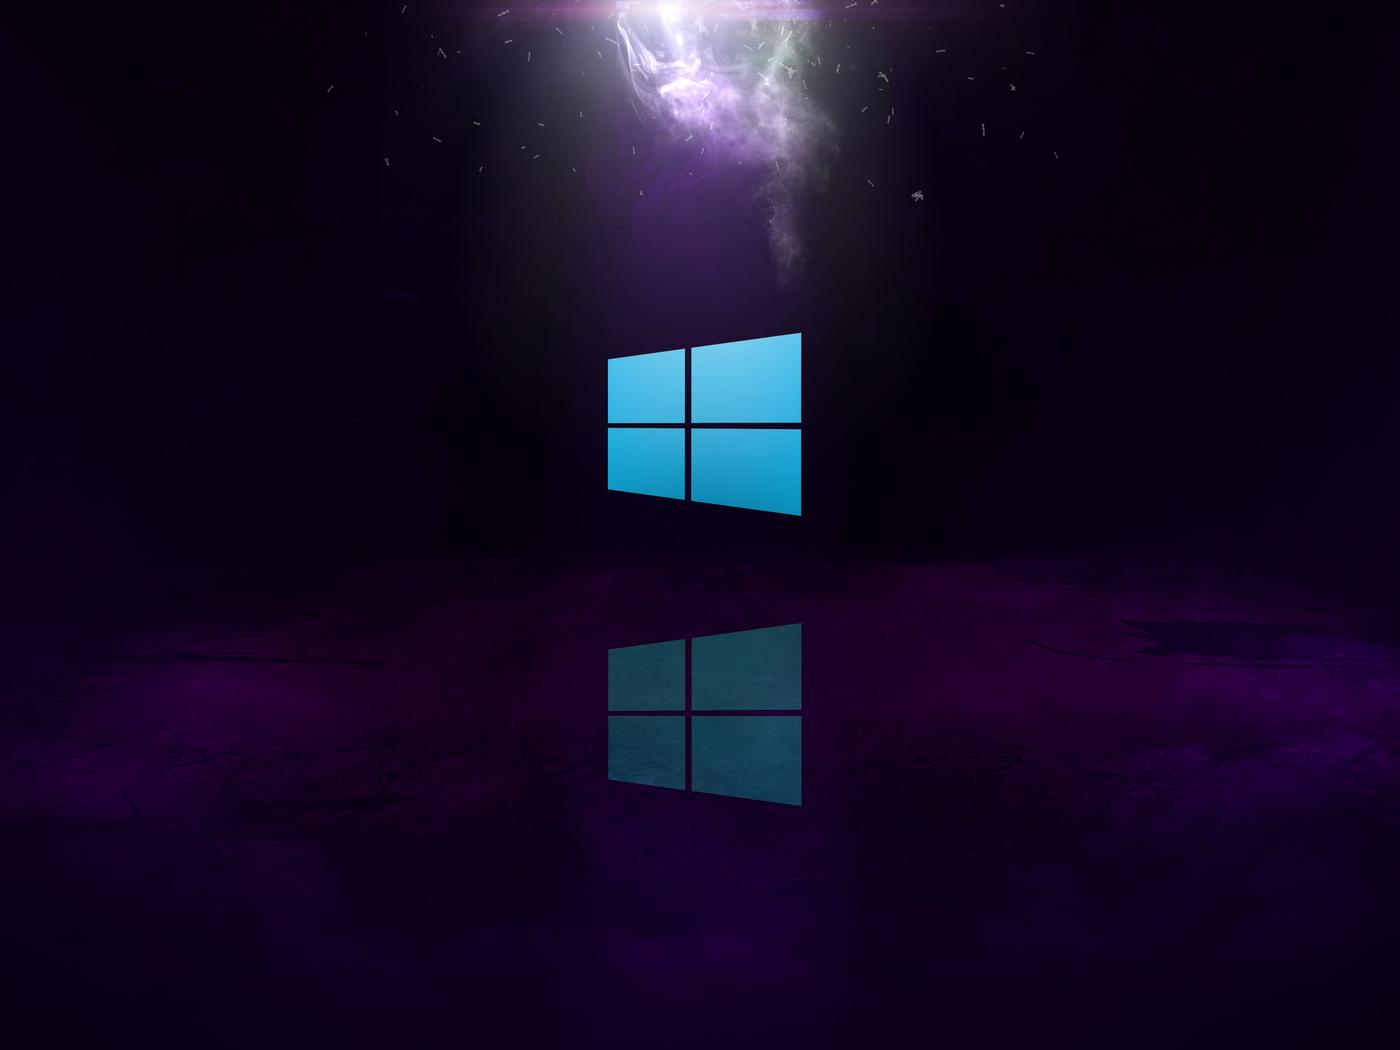 windows-10-5k-ir.jpg